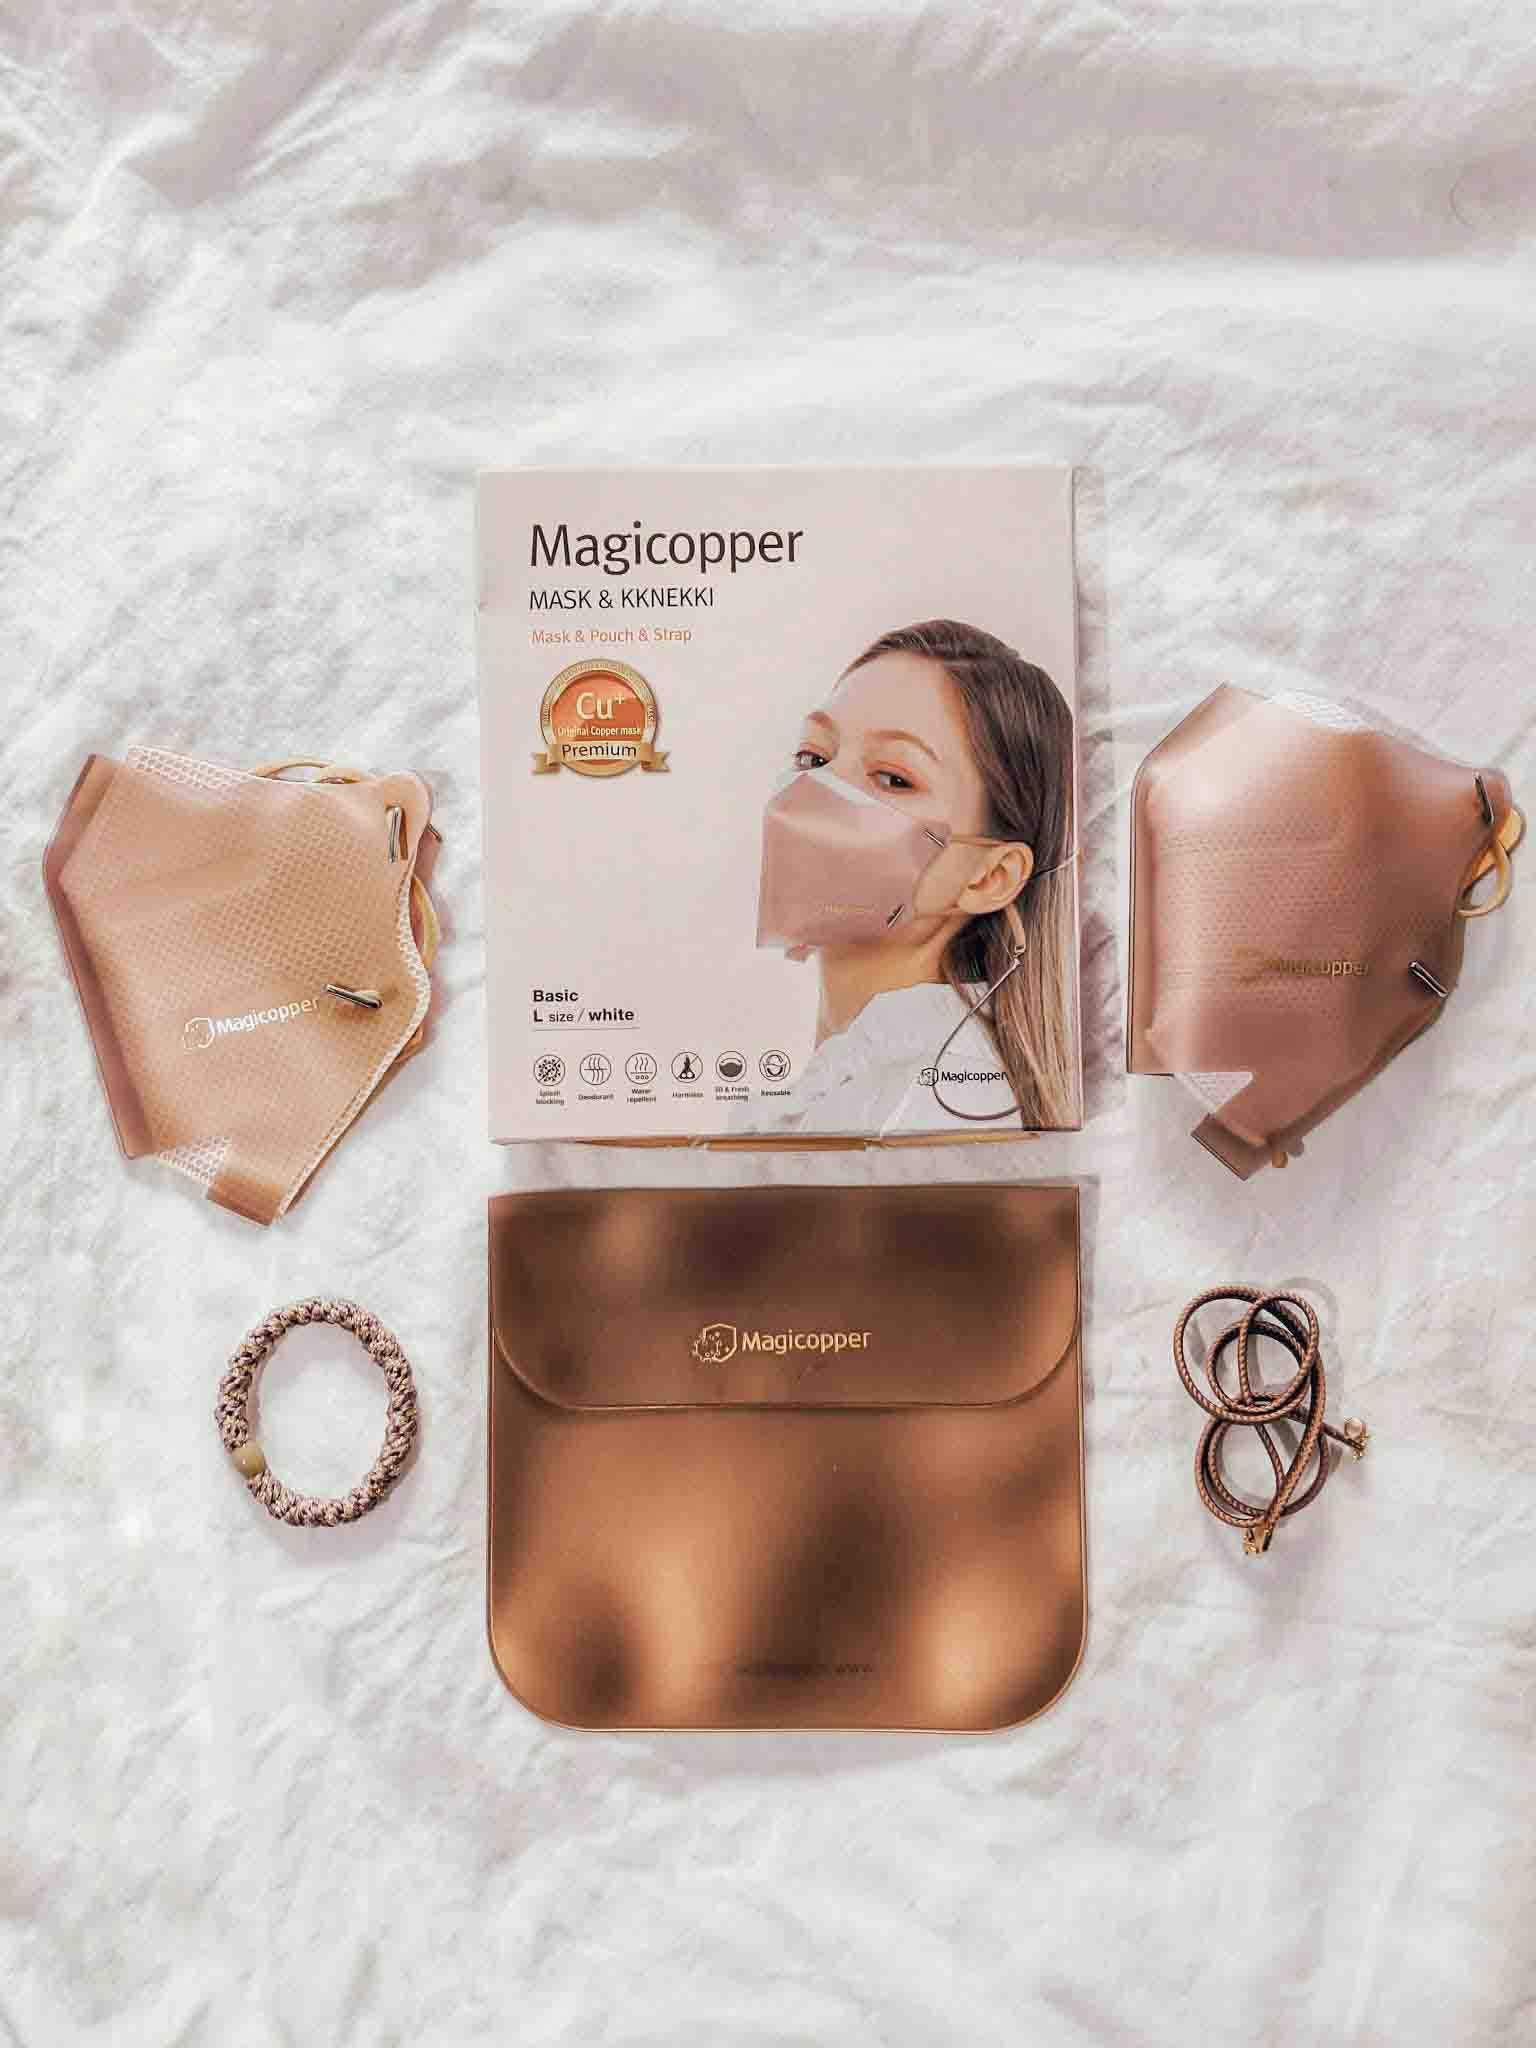 Magicopper Mask & KKNEKKI Berkualiti Tinggi Dari Korea